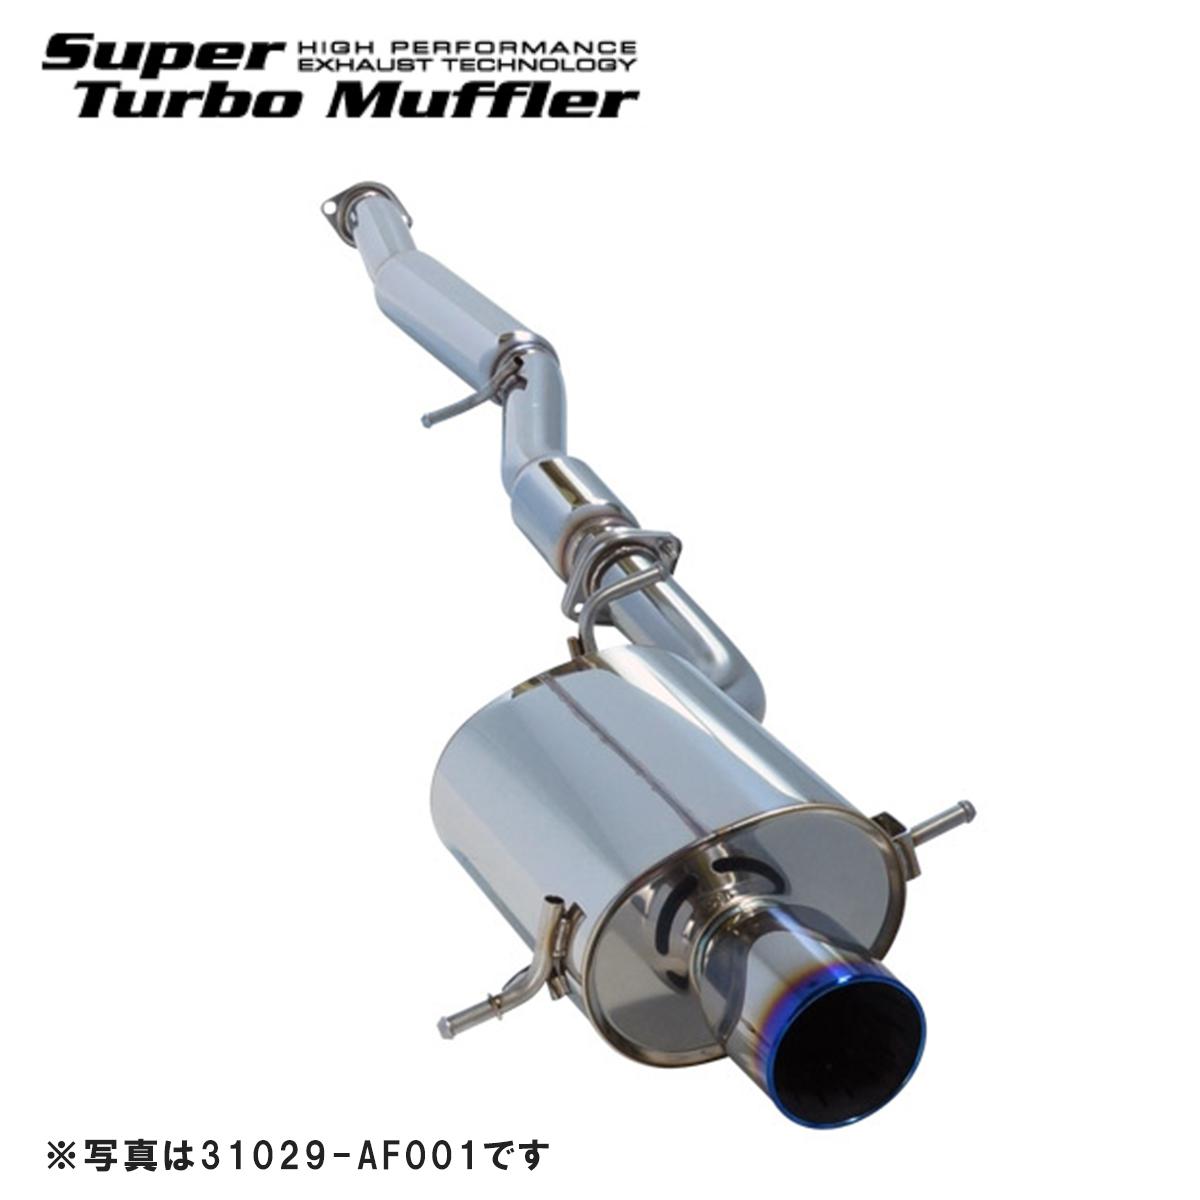 インプレッサ マフラー CBA-GVB HKS 31029-AF008 スーパーターボマフラー 配送先条件有り